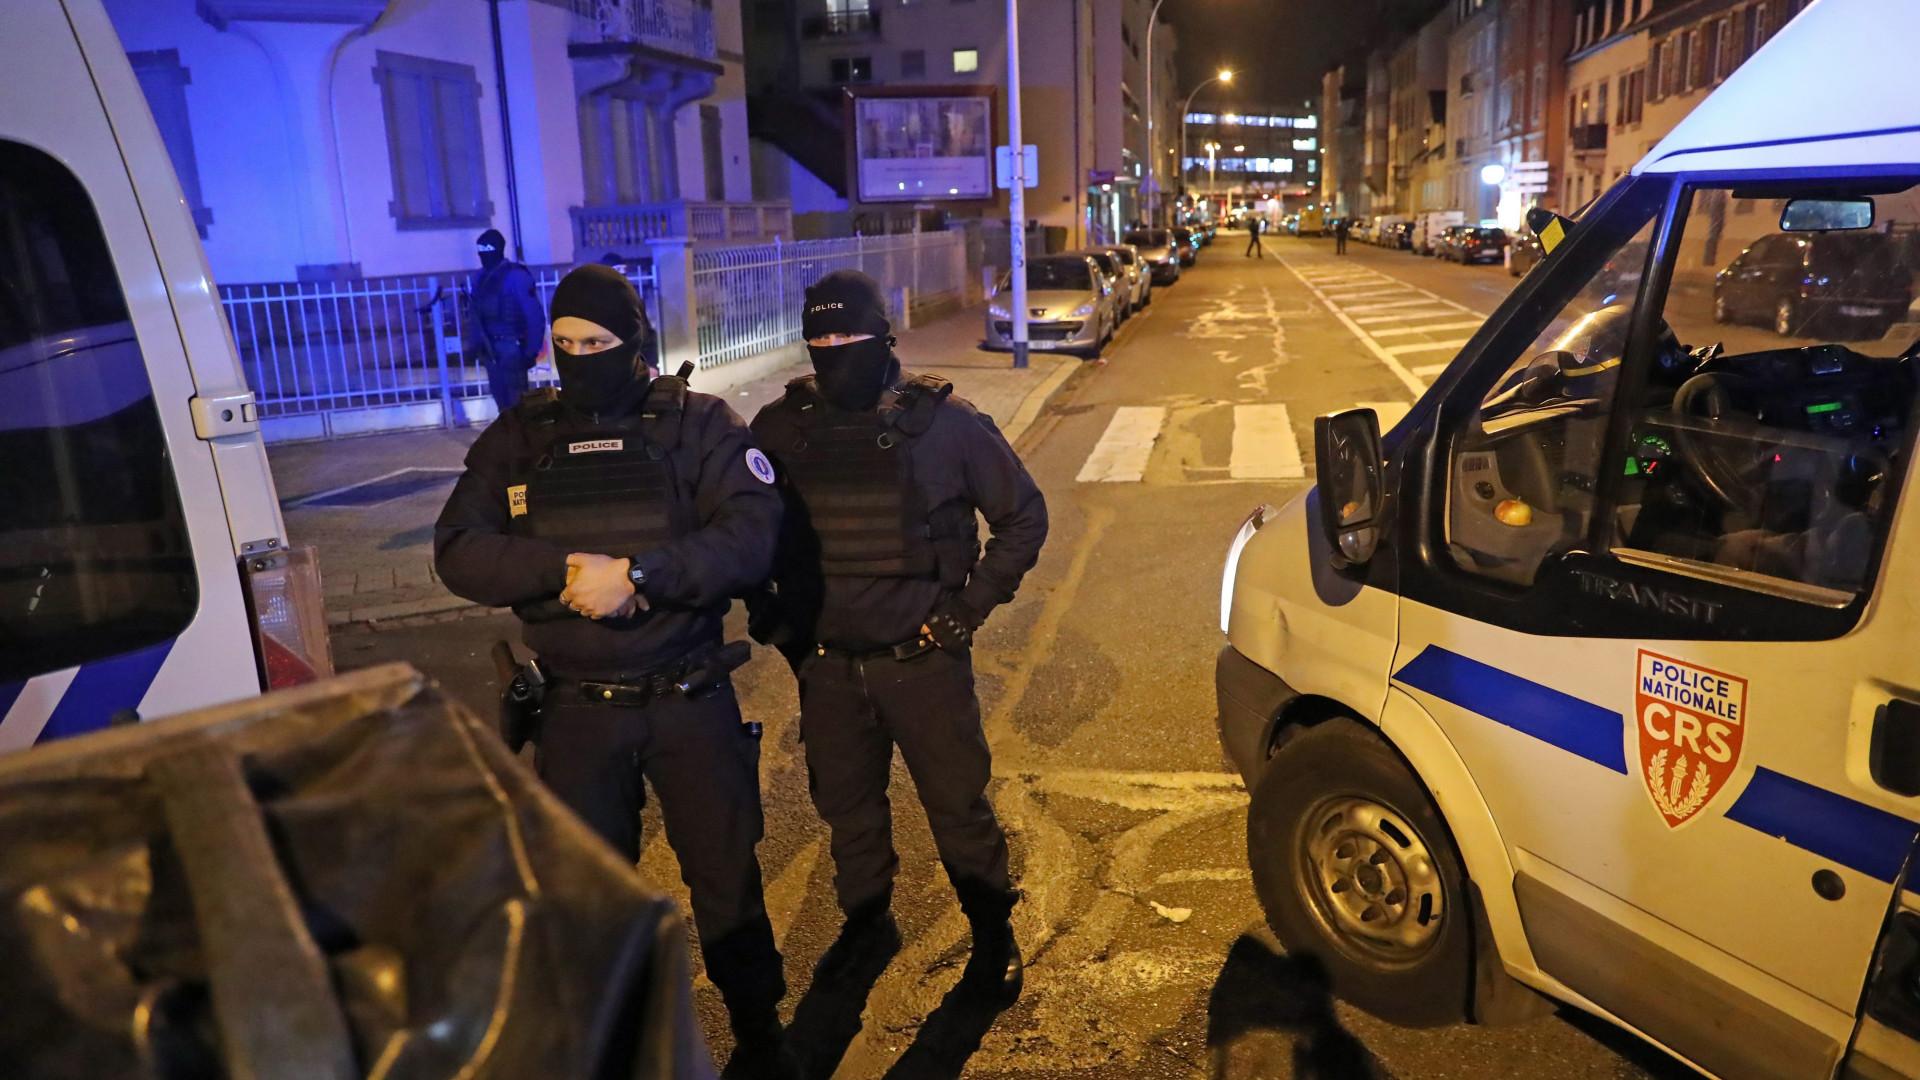 Atacante de Estrasburgo não estava integrado em rede terrorista